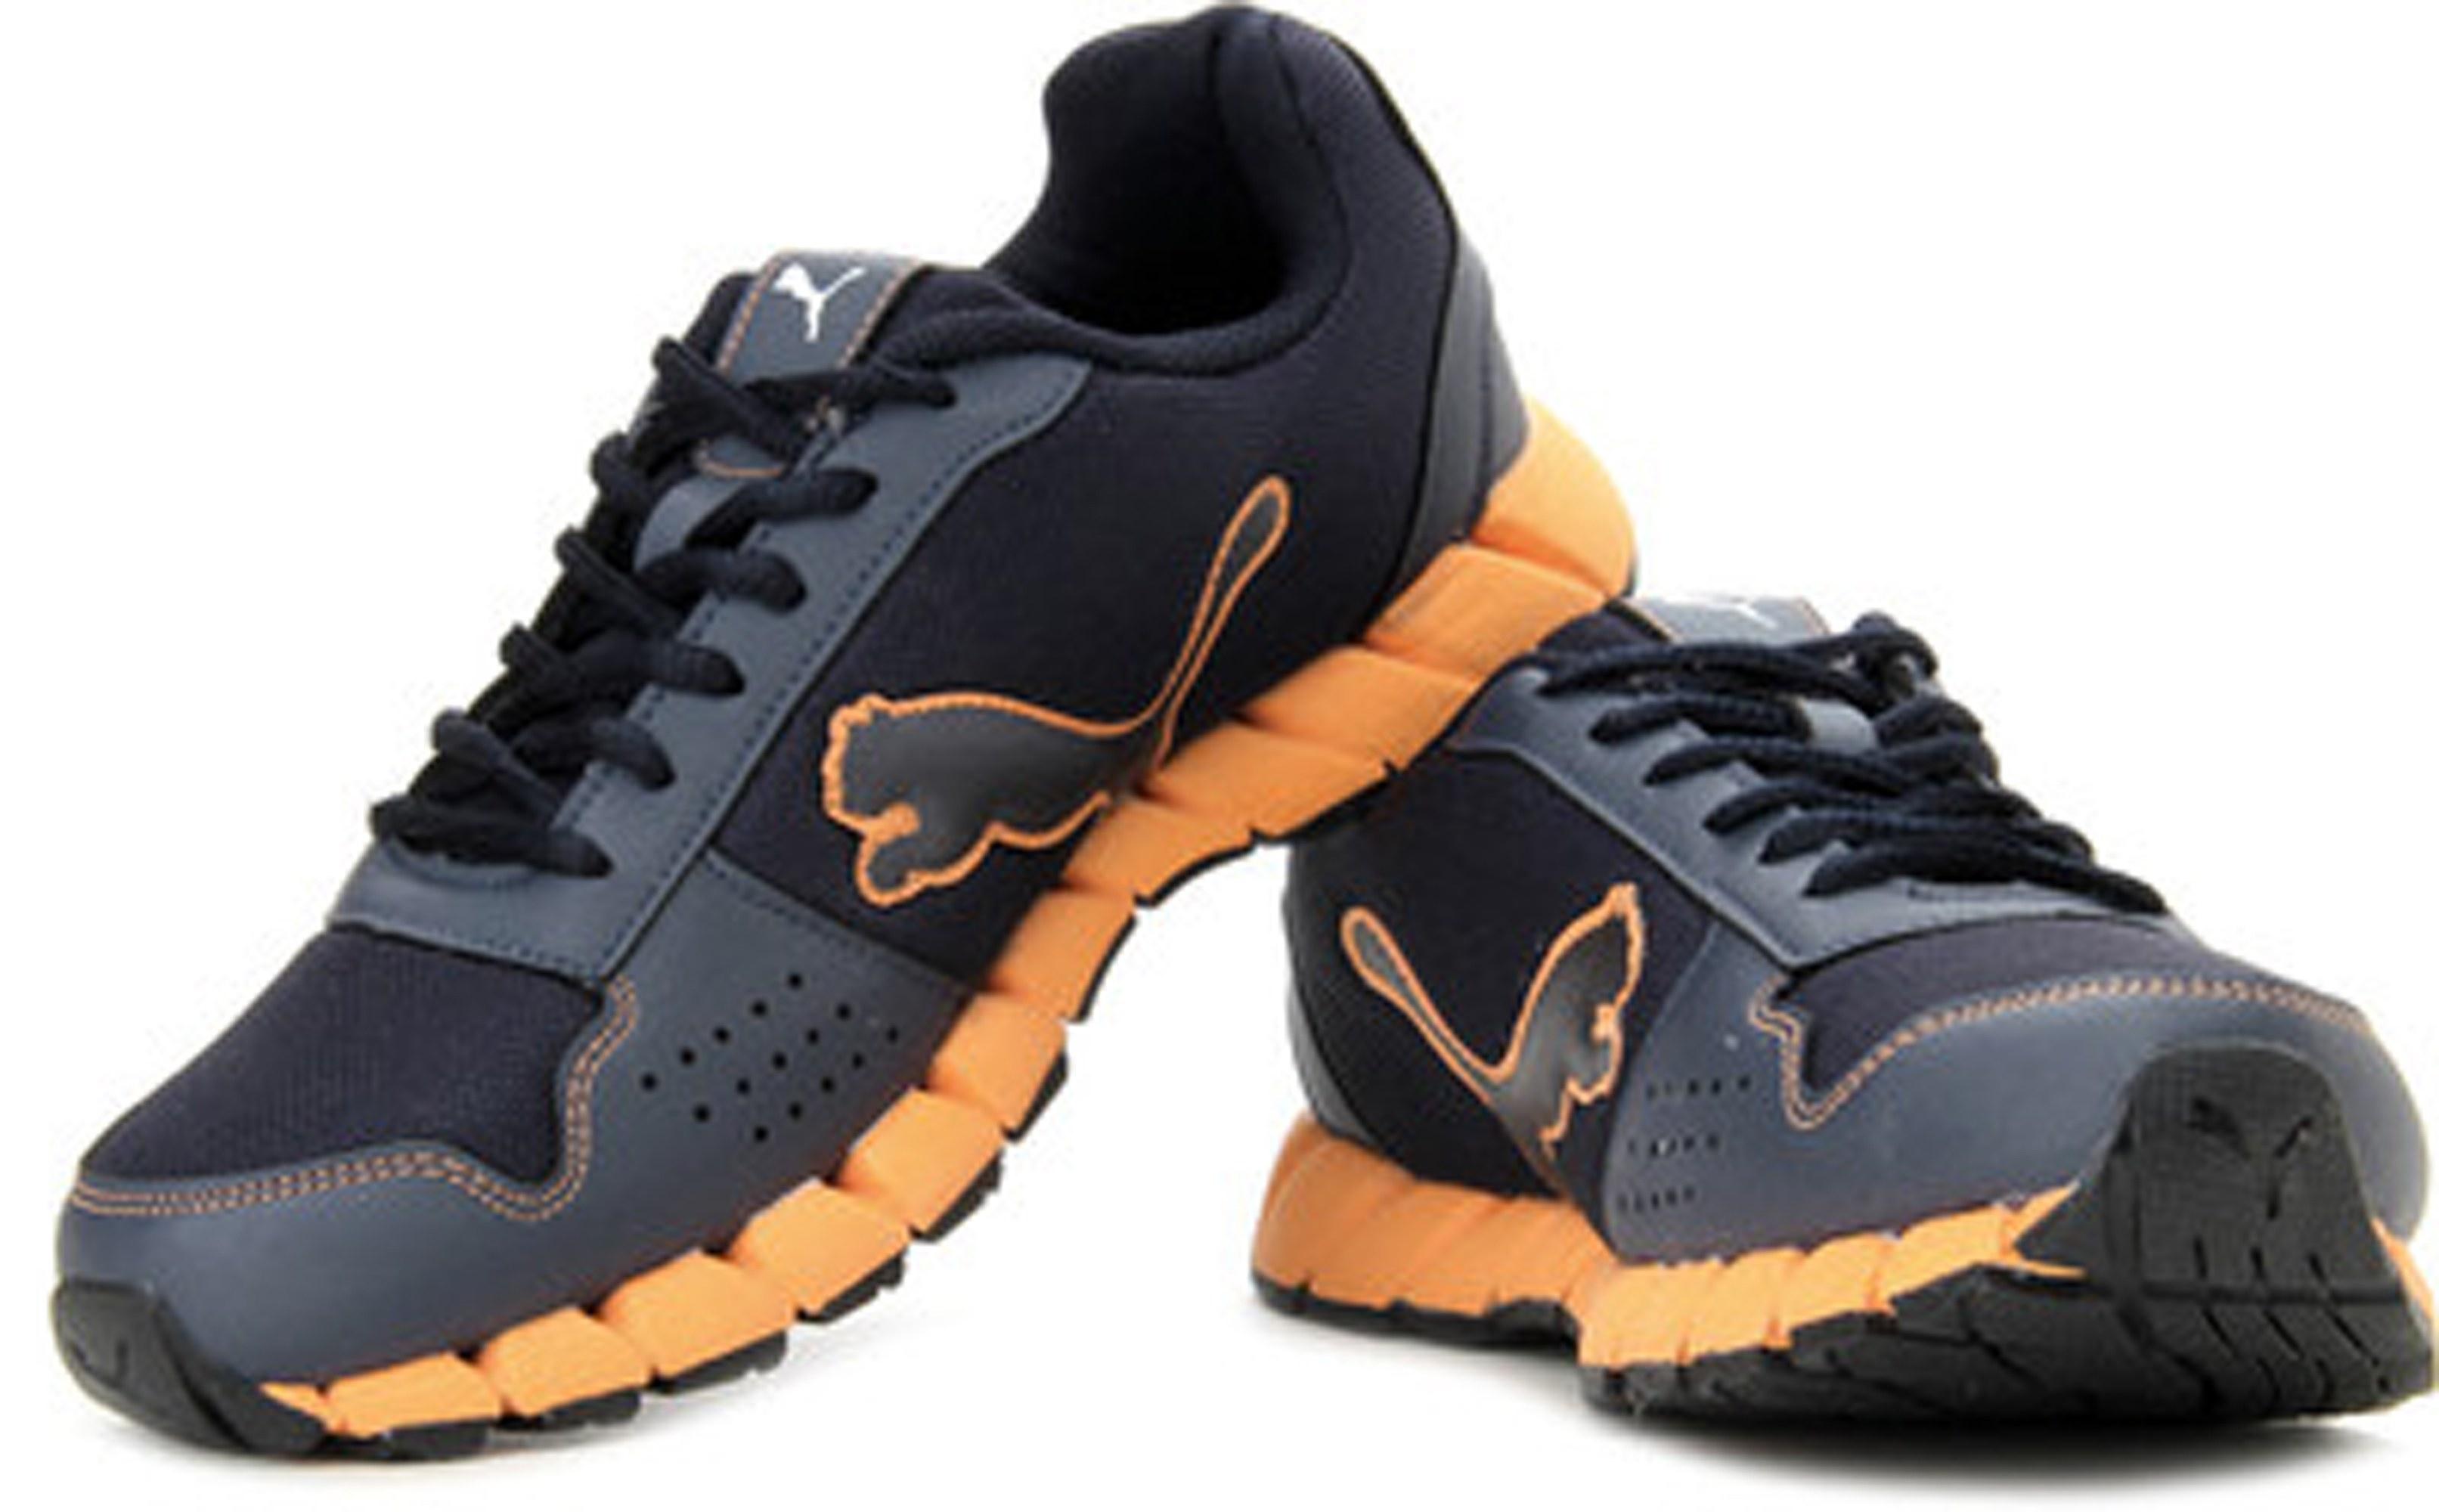 Buy puma ferrari shoes myntra - 59% OFF! Share discount 574e39788